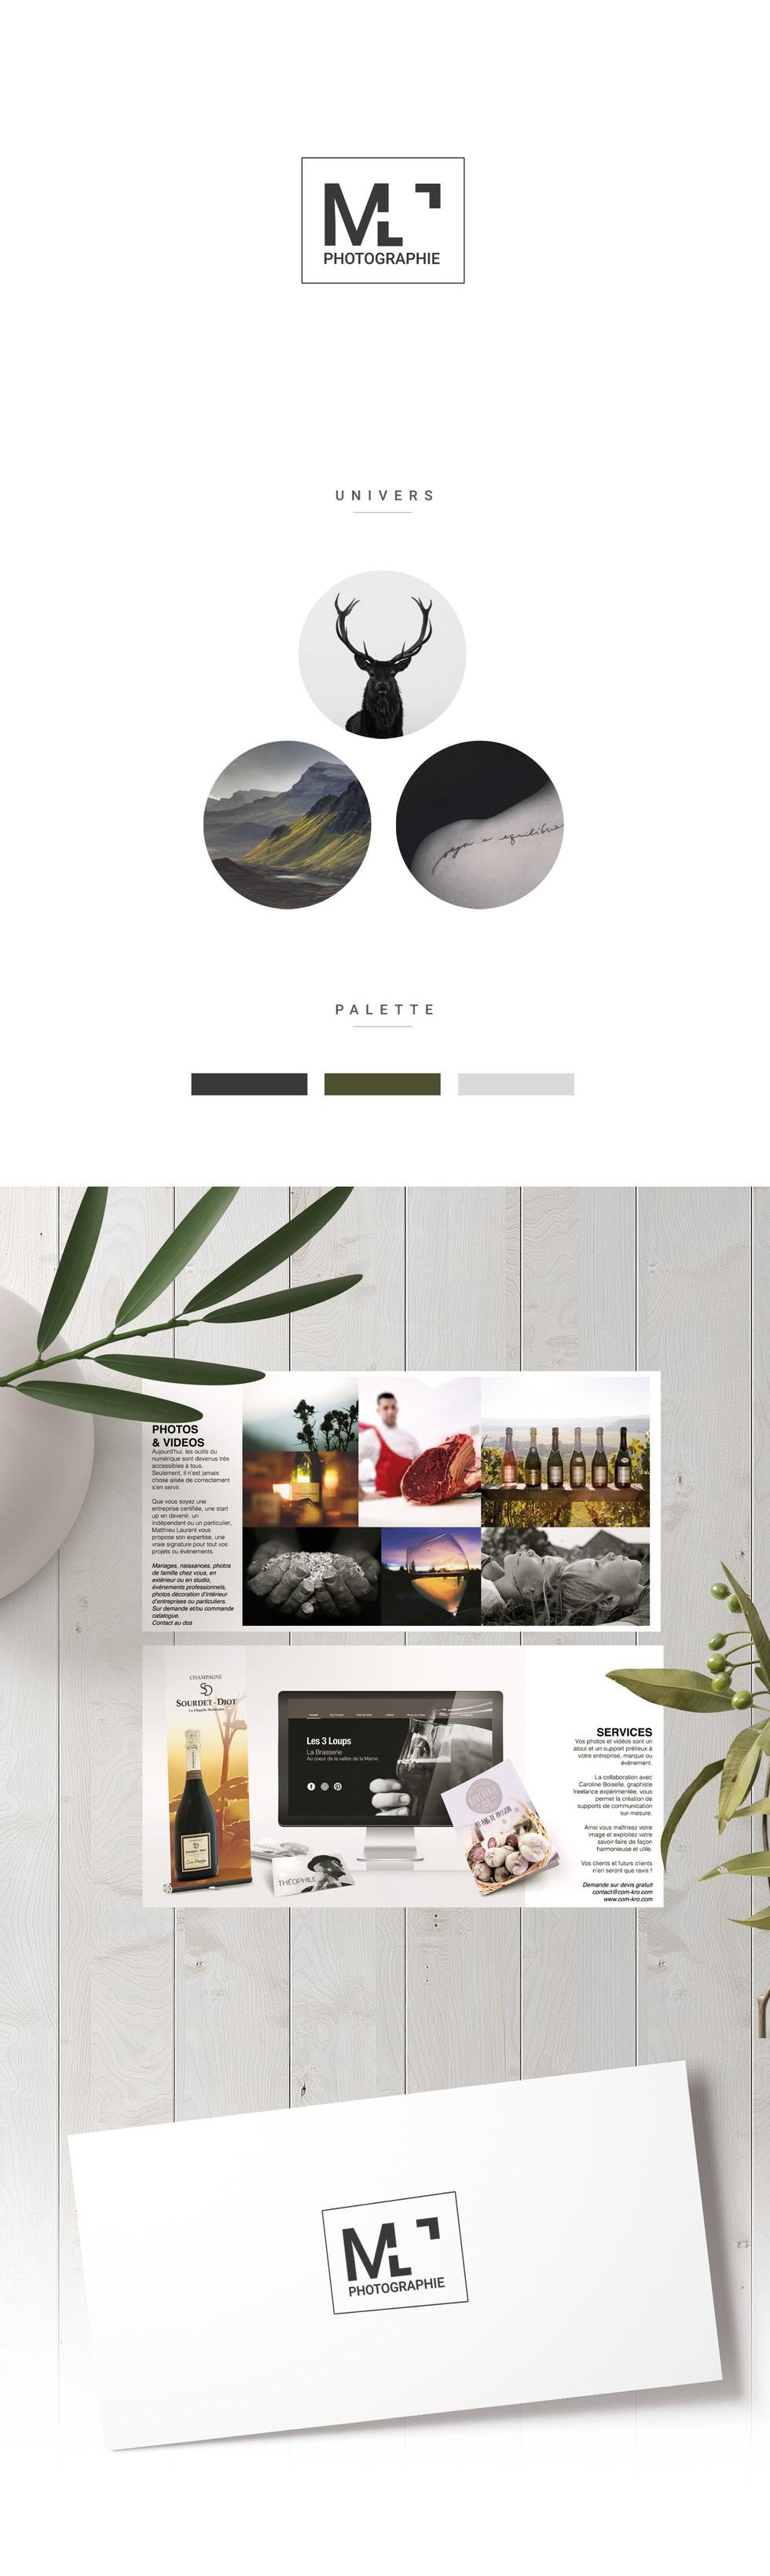 mattphoto-branding.jpg